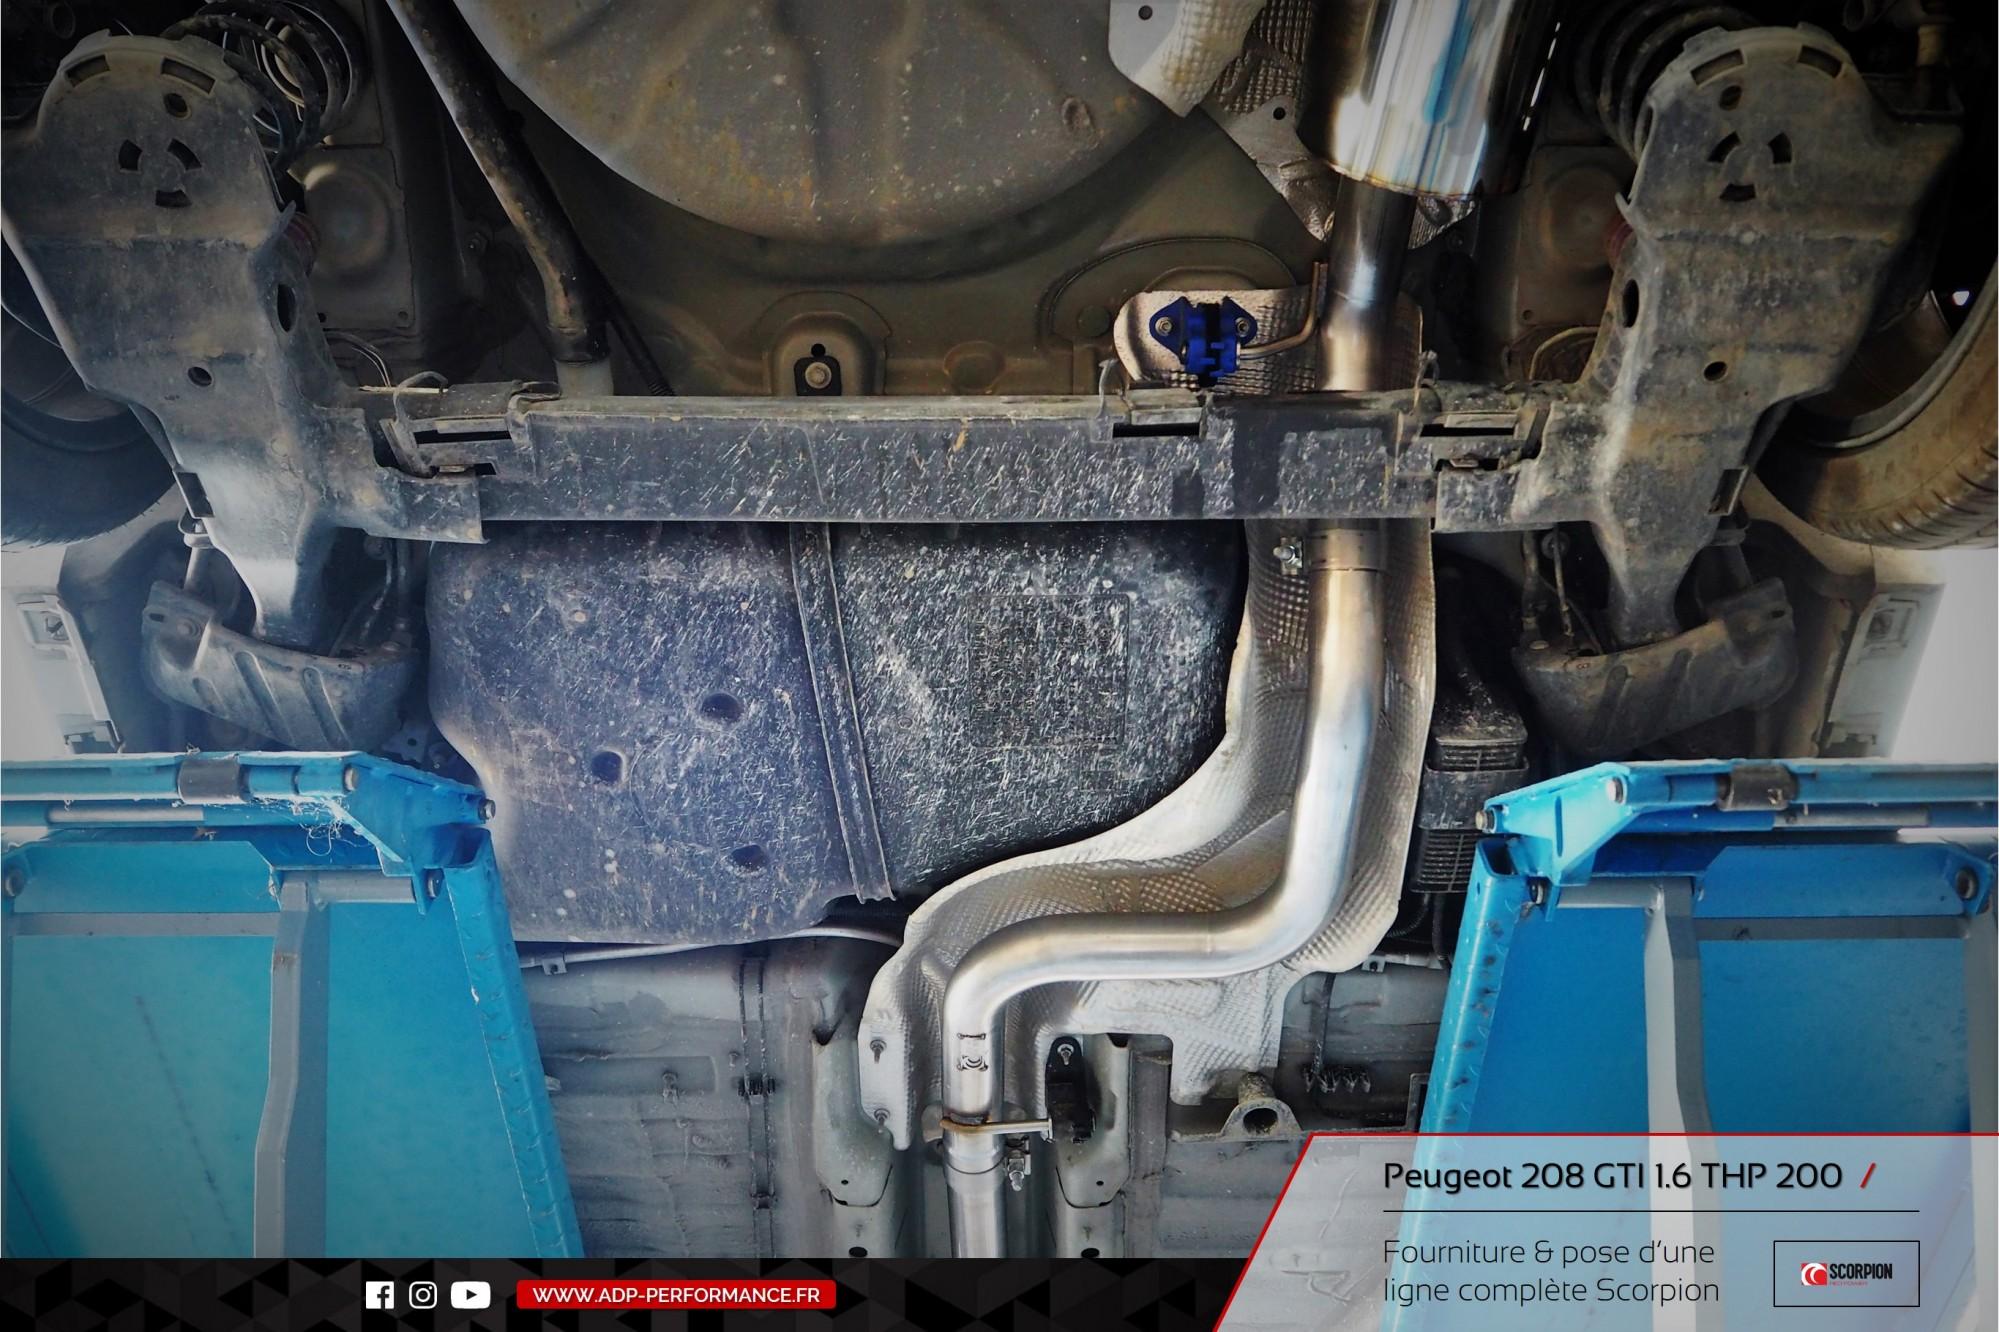 Ligne d'échappement Scorpion Peugeot 208 GTI 1.6 THP 200cv Marseille - ADP Performance